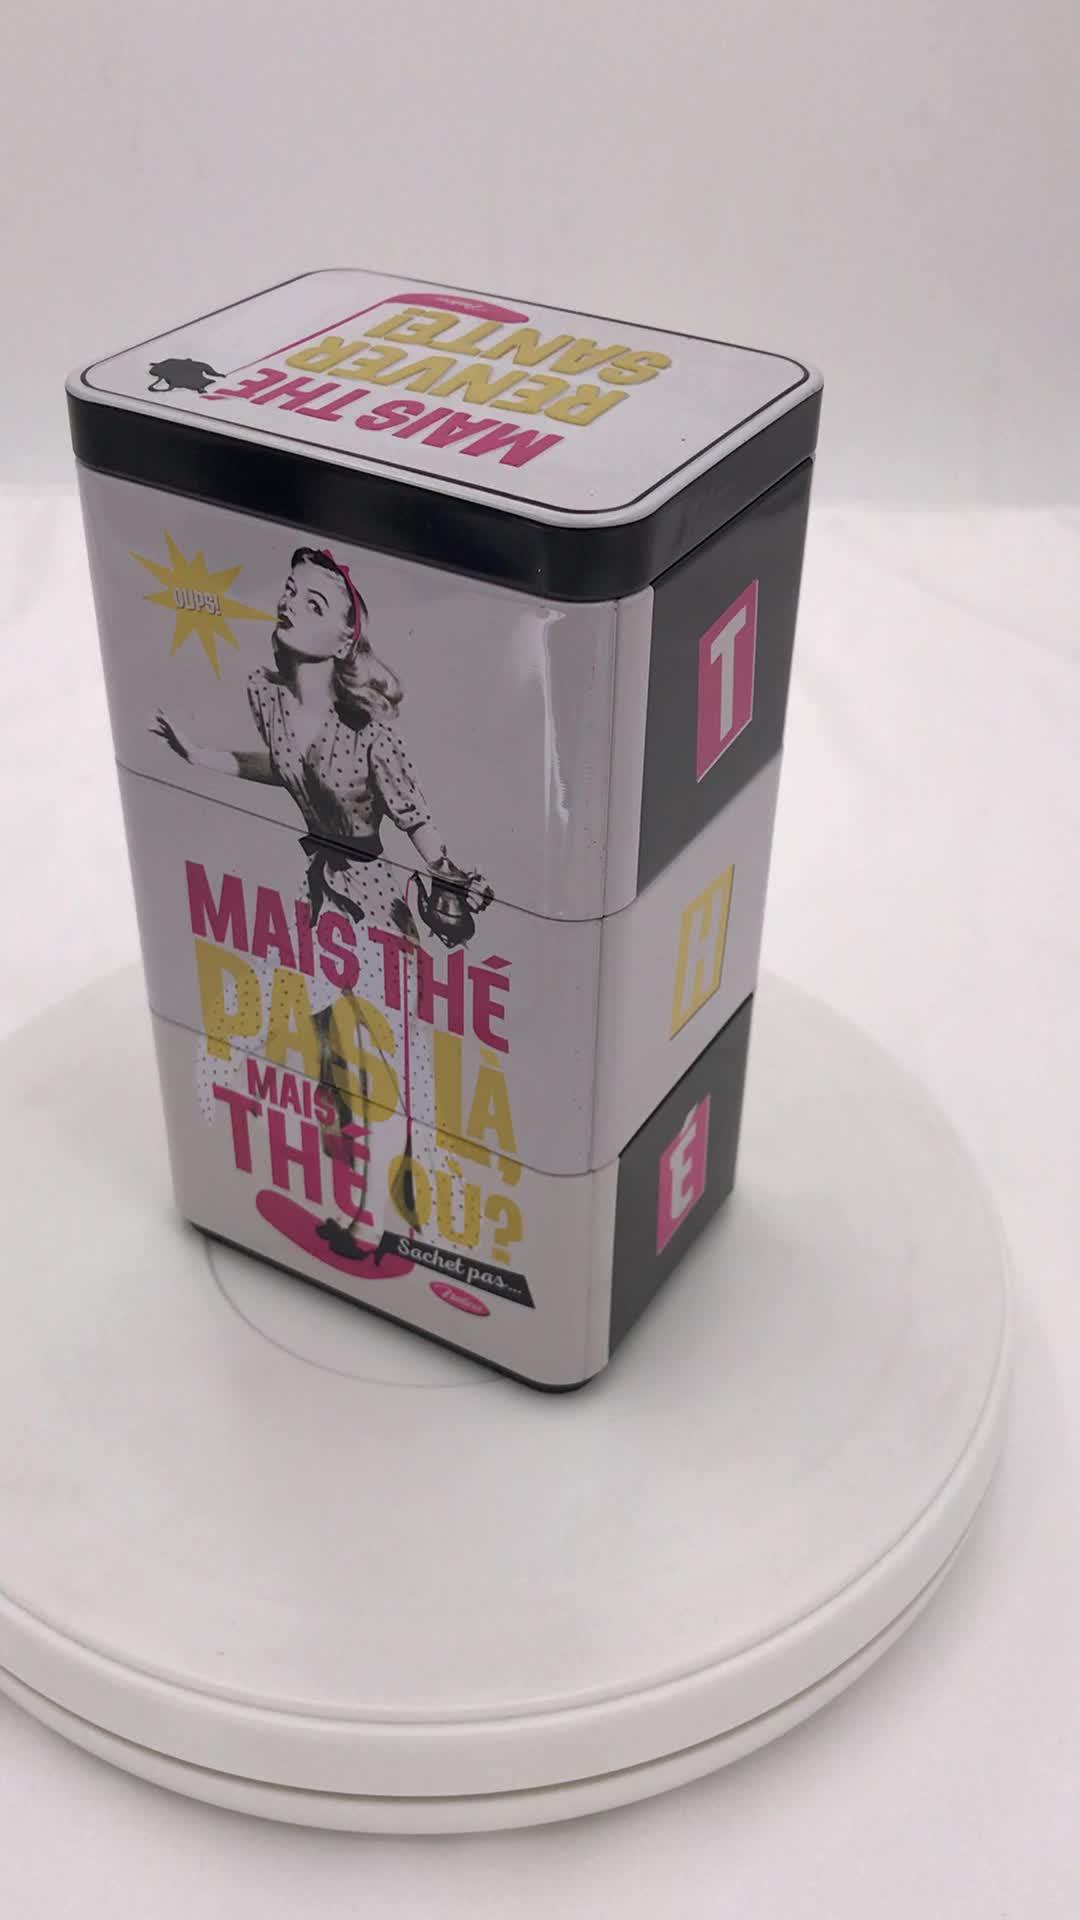 长方形精美糖果铁盒 茶叶铁盒 方形叠层咖啡铁盒定做生产厂家